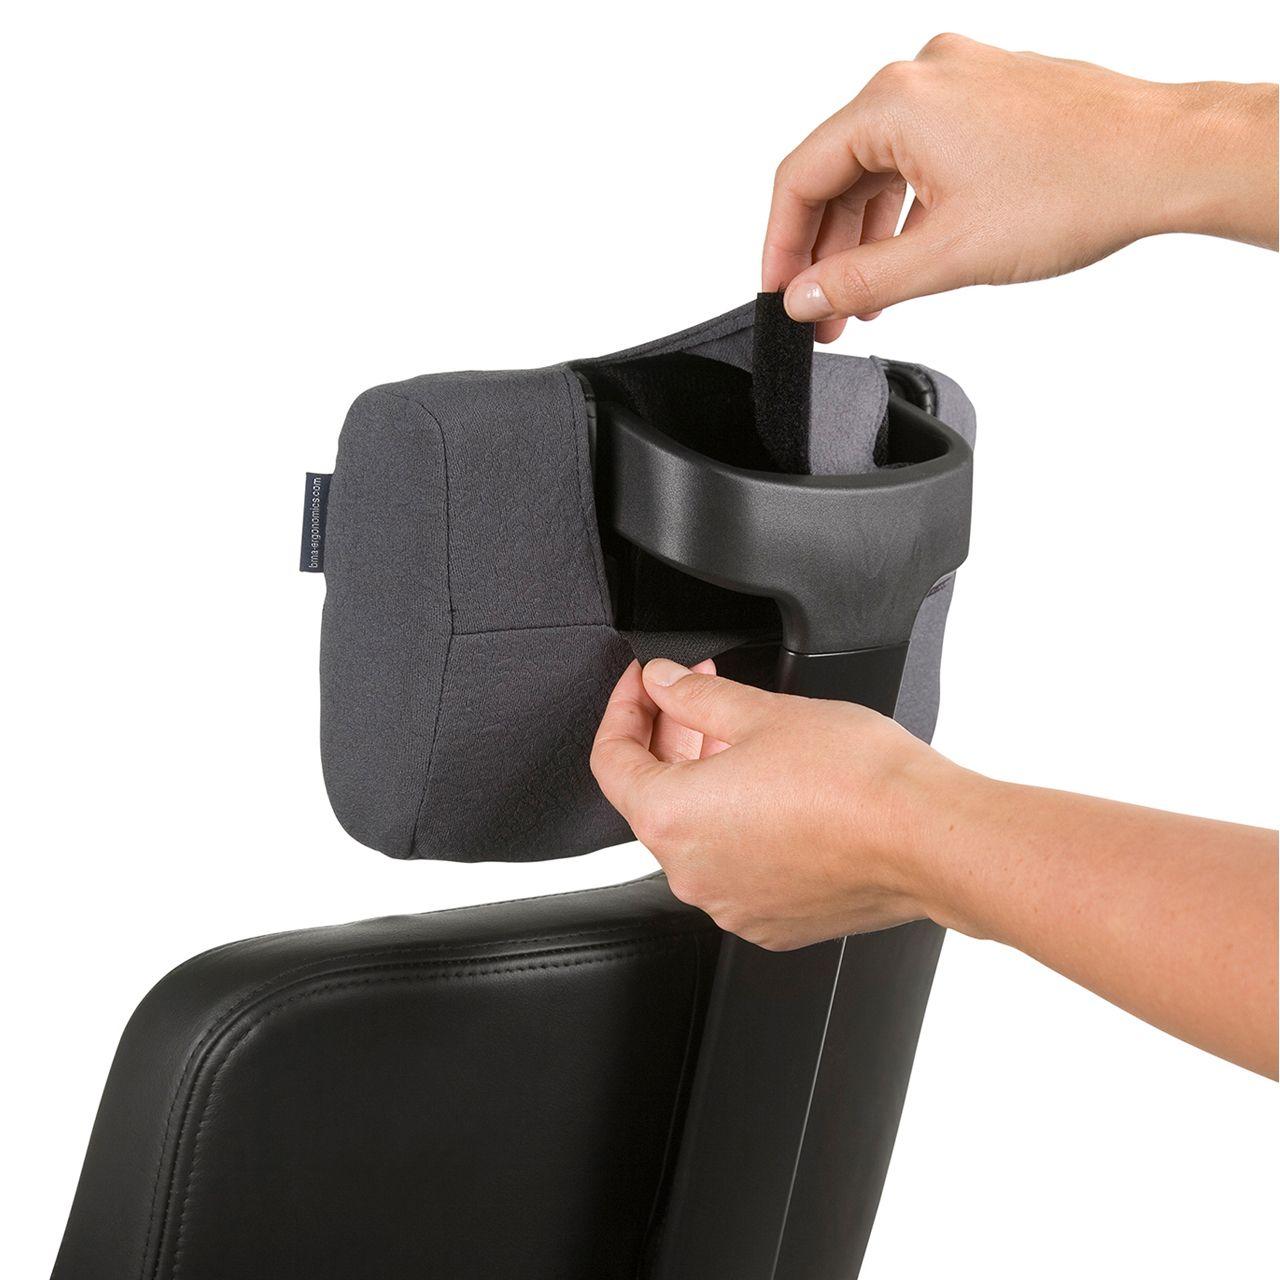 bma axia focus 24 7 bureaustoel grijs STKAAXFOC01 Neksteun